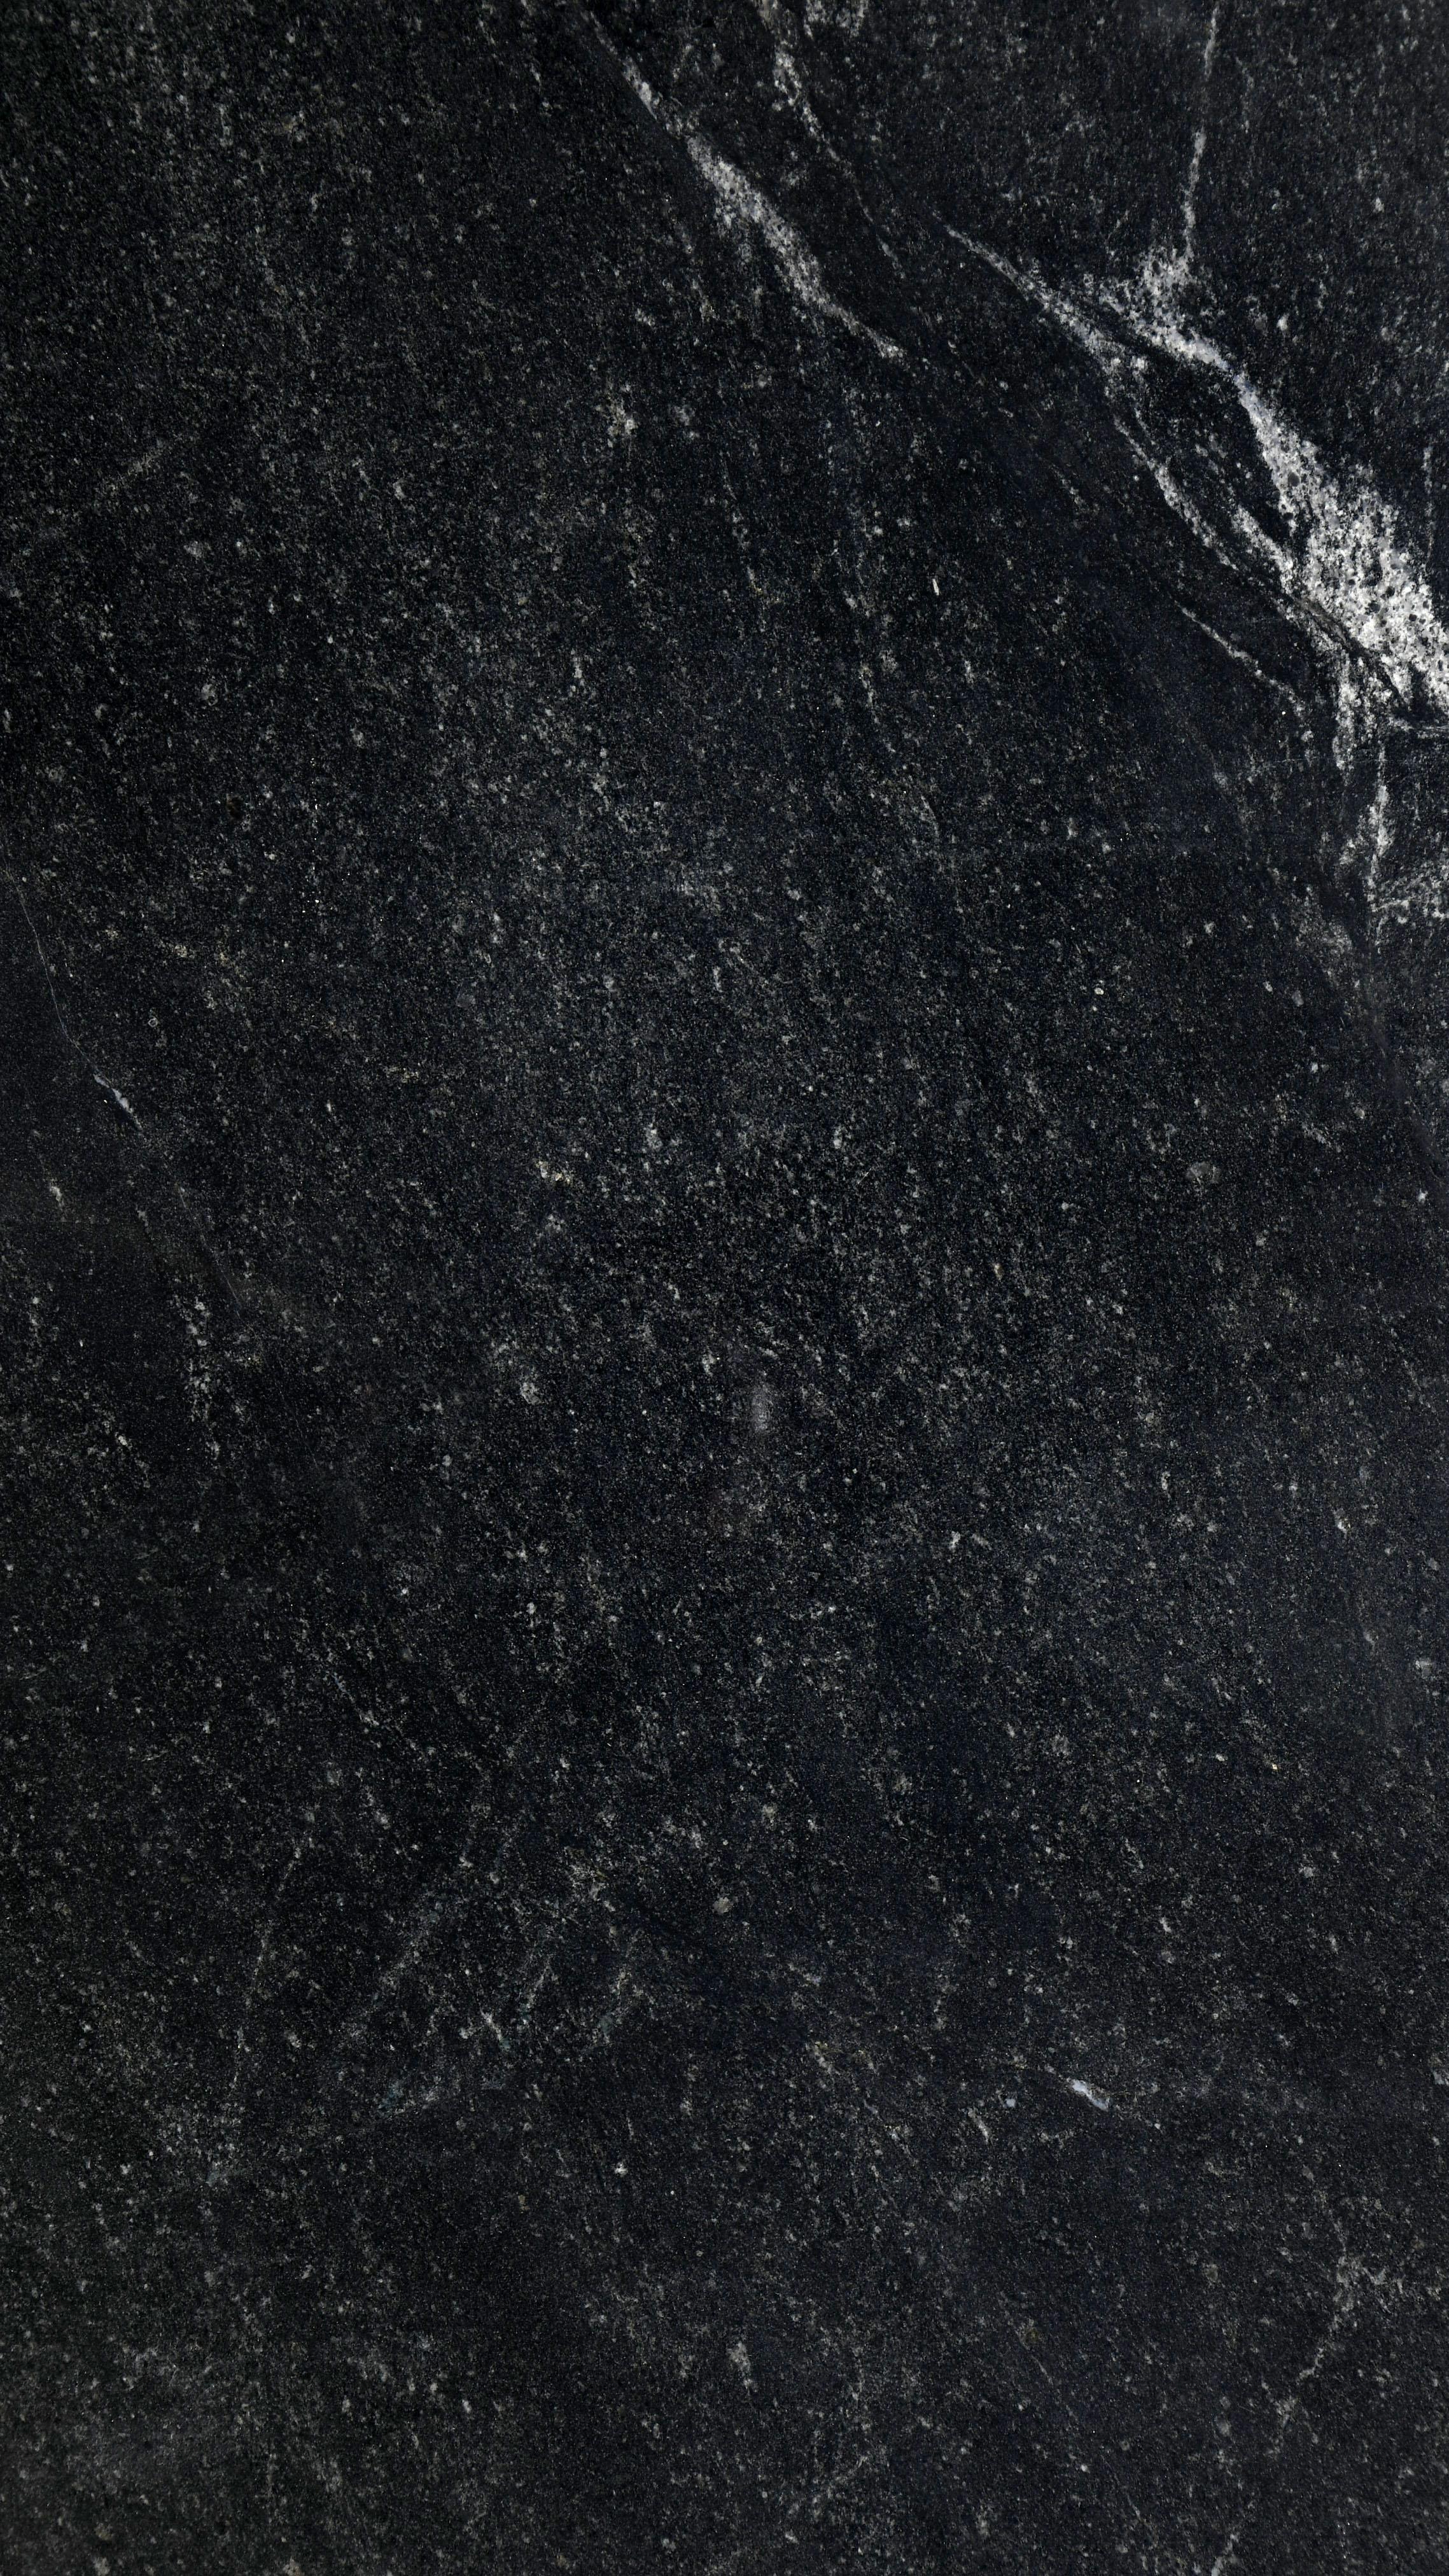 Misty Black Granite